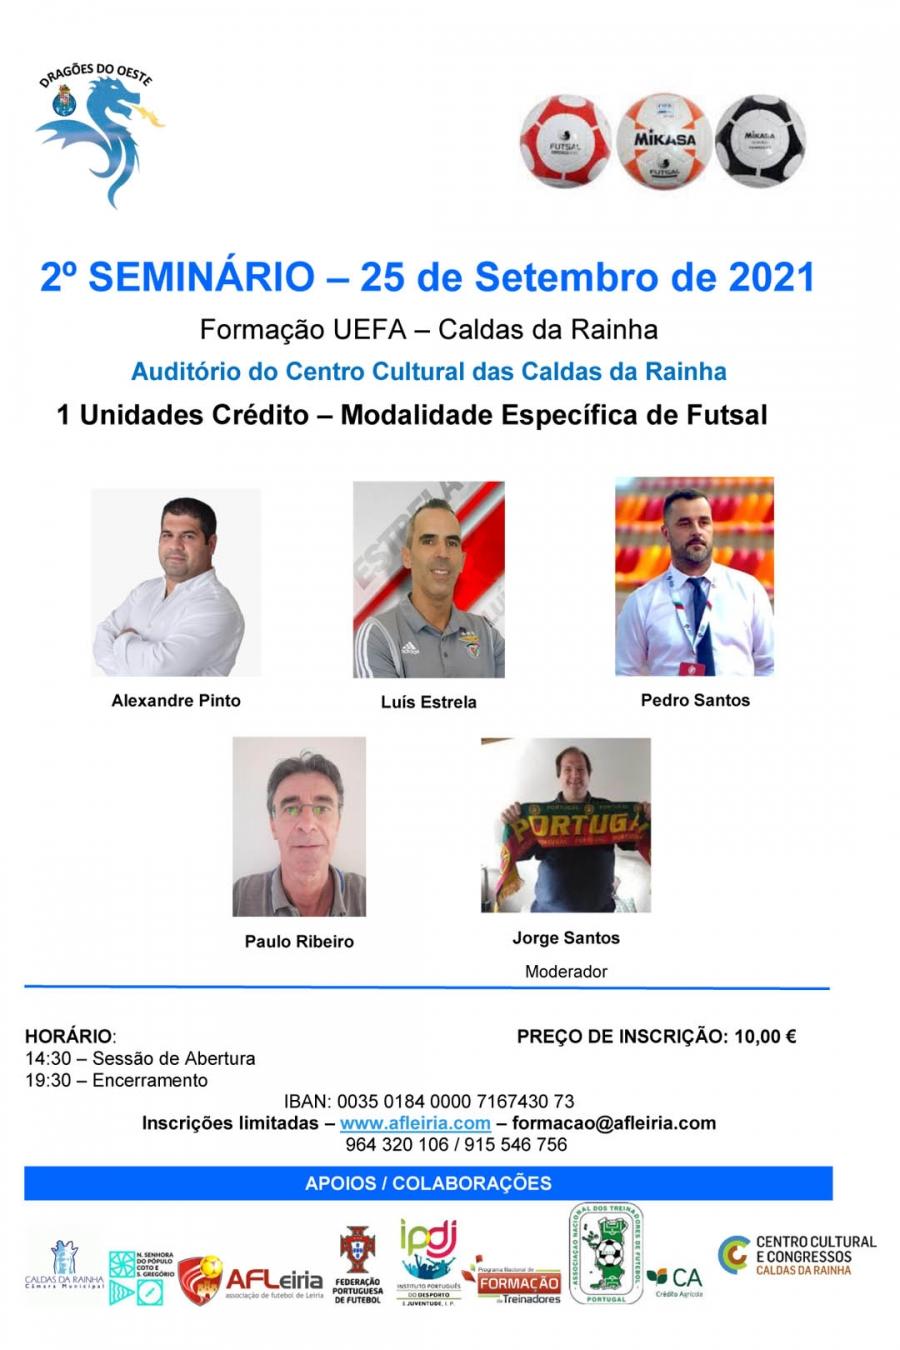 Formação UEFA   Modalidade Específica de Futsal